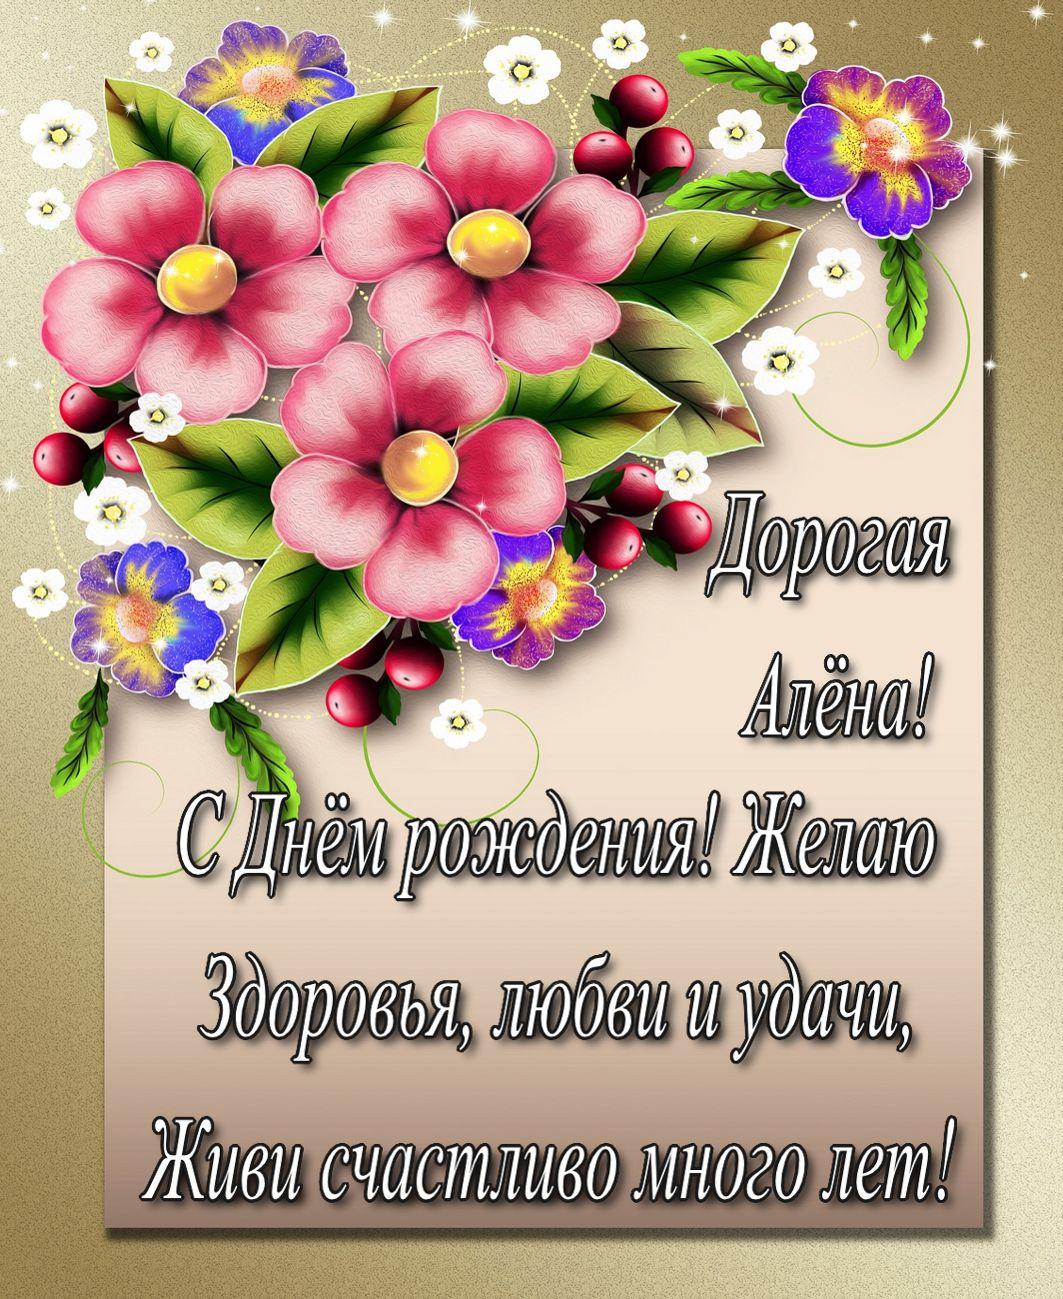 Поздравления с днем рождения женщине красивые в стихах алена